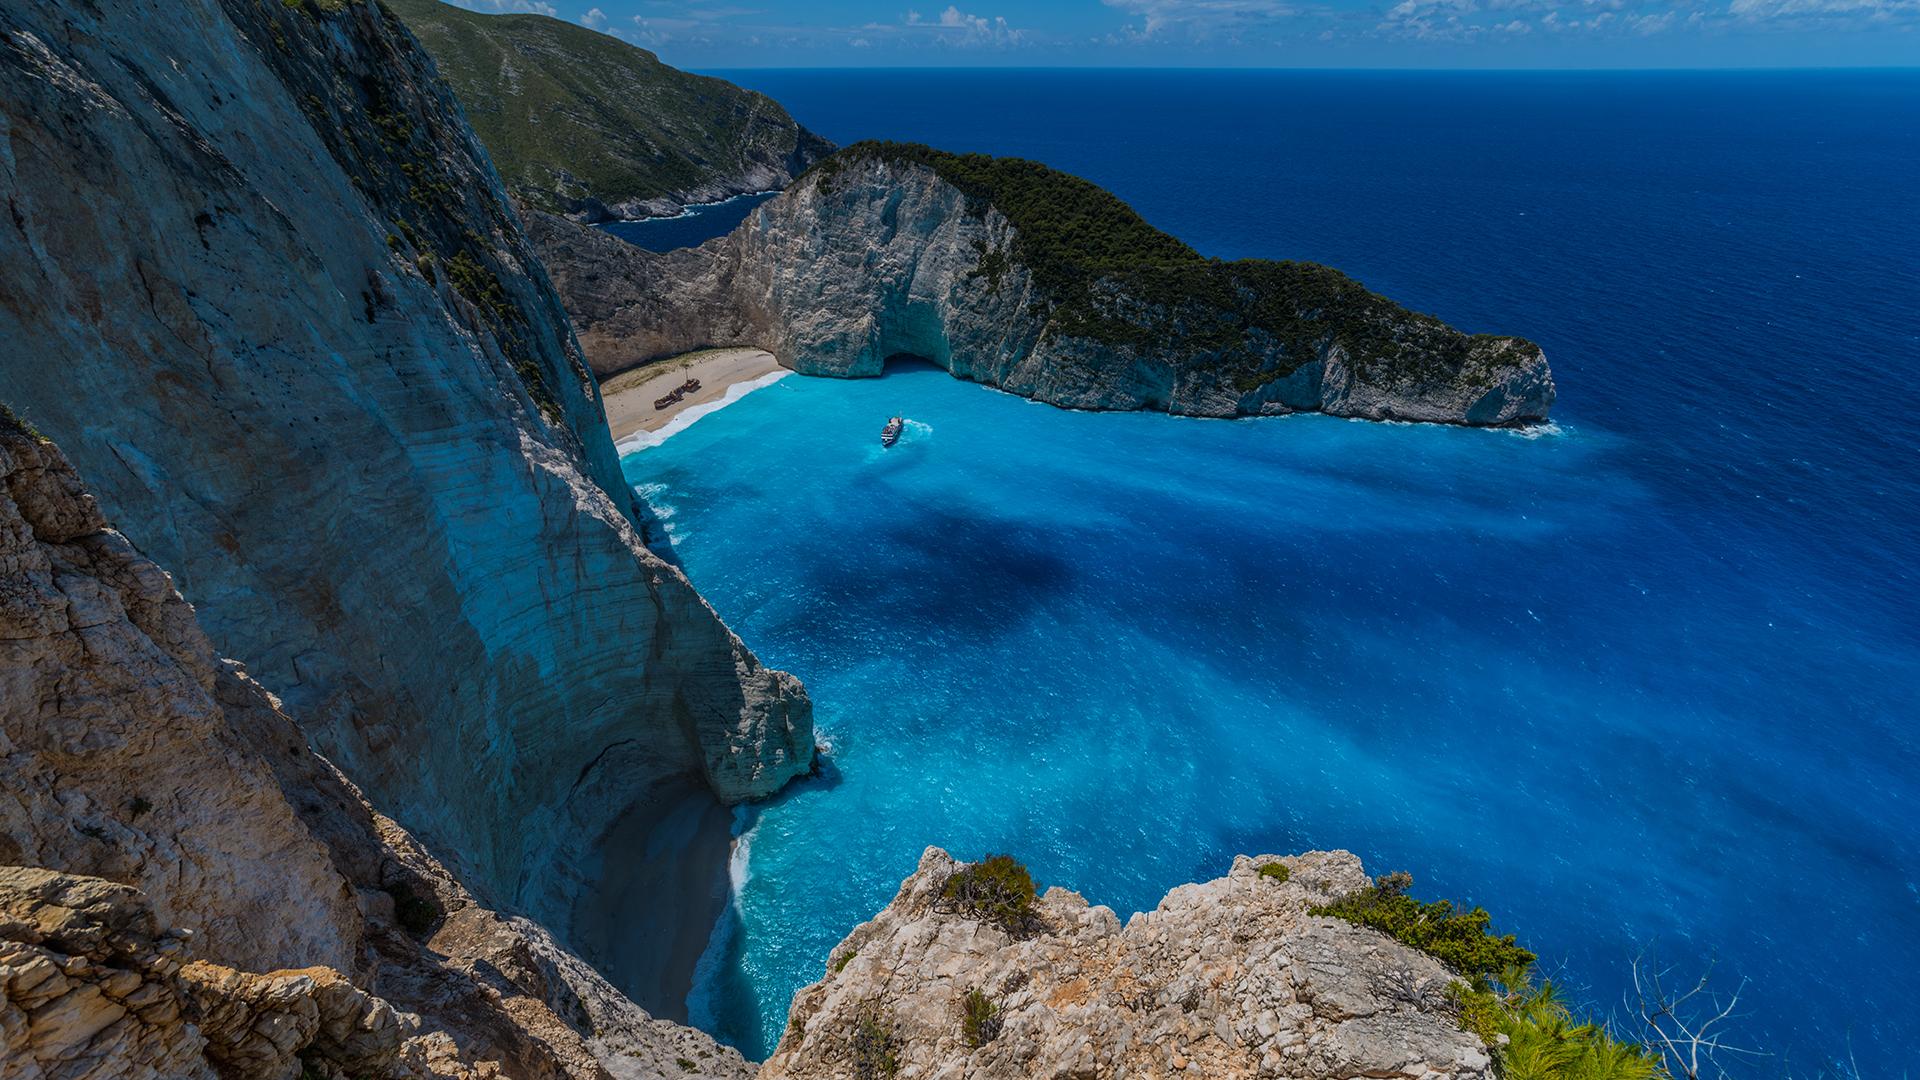 Hintergrundbilder : blau, Meer, Urlaub, Seelandschaft, Wasser, Rock ...